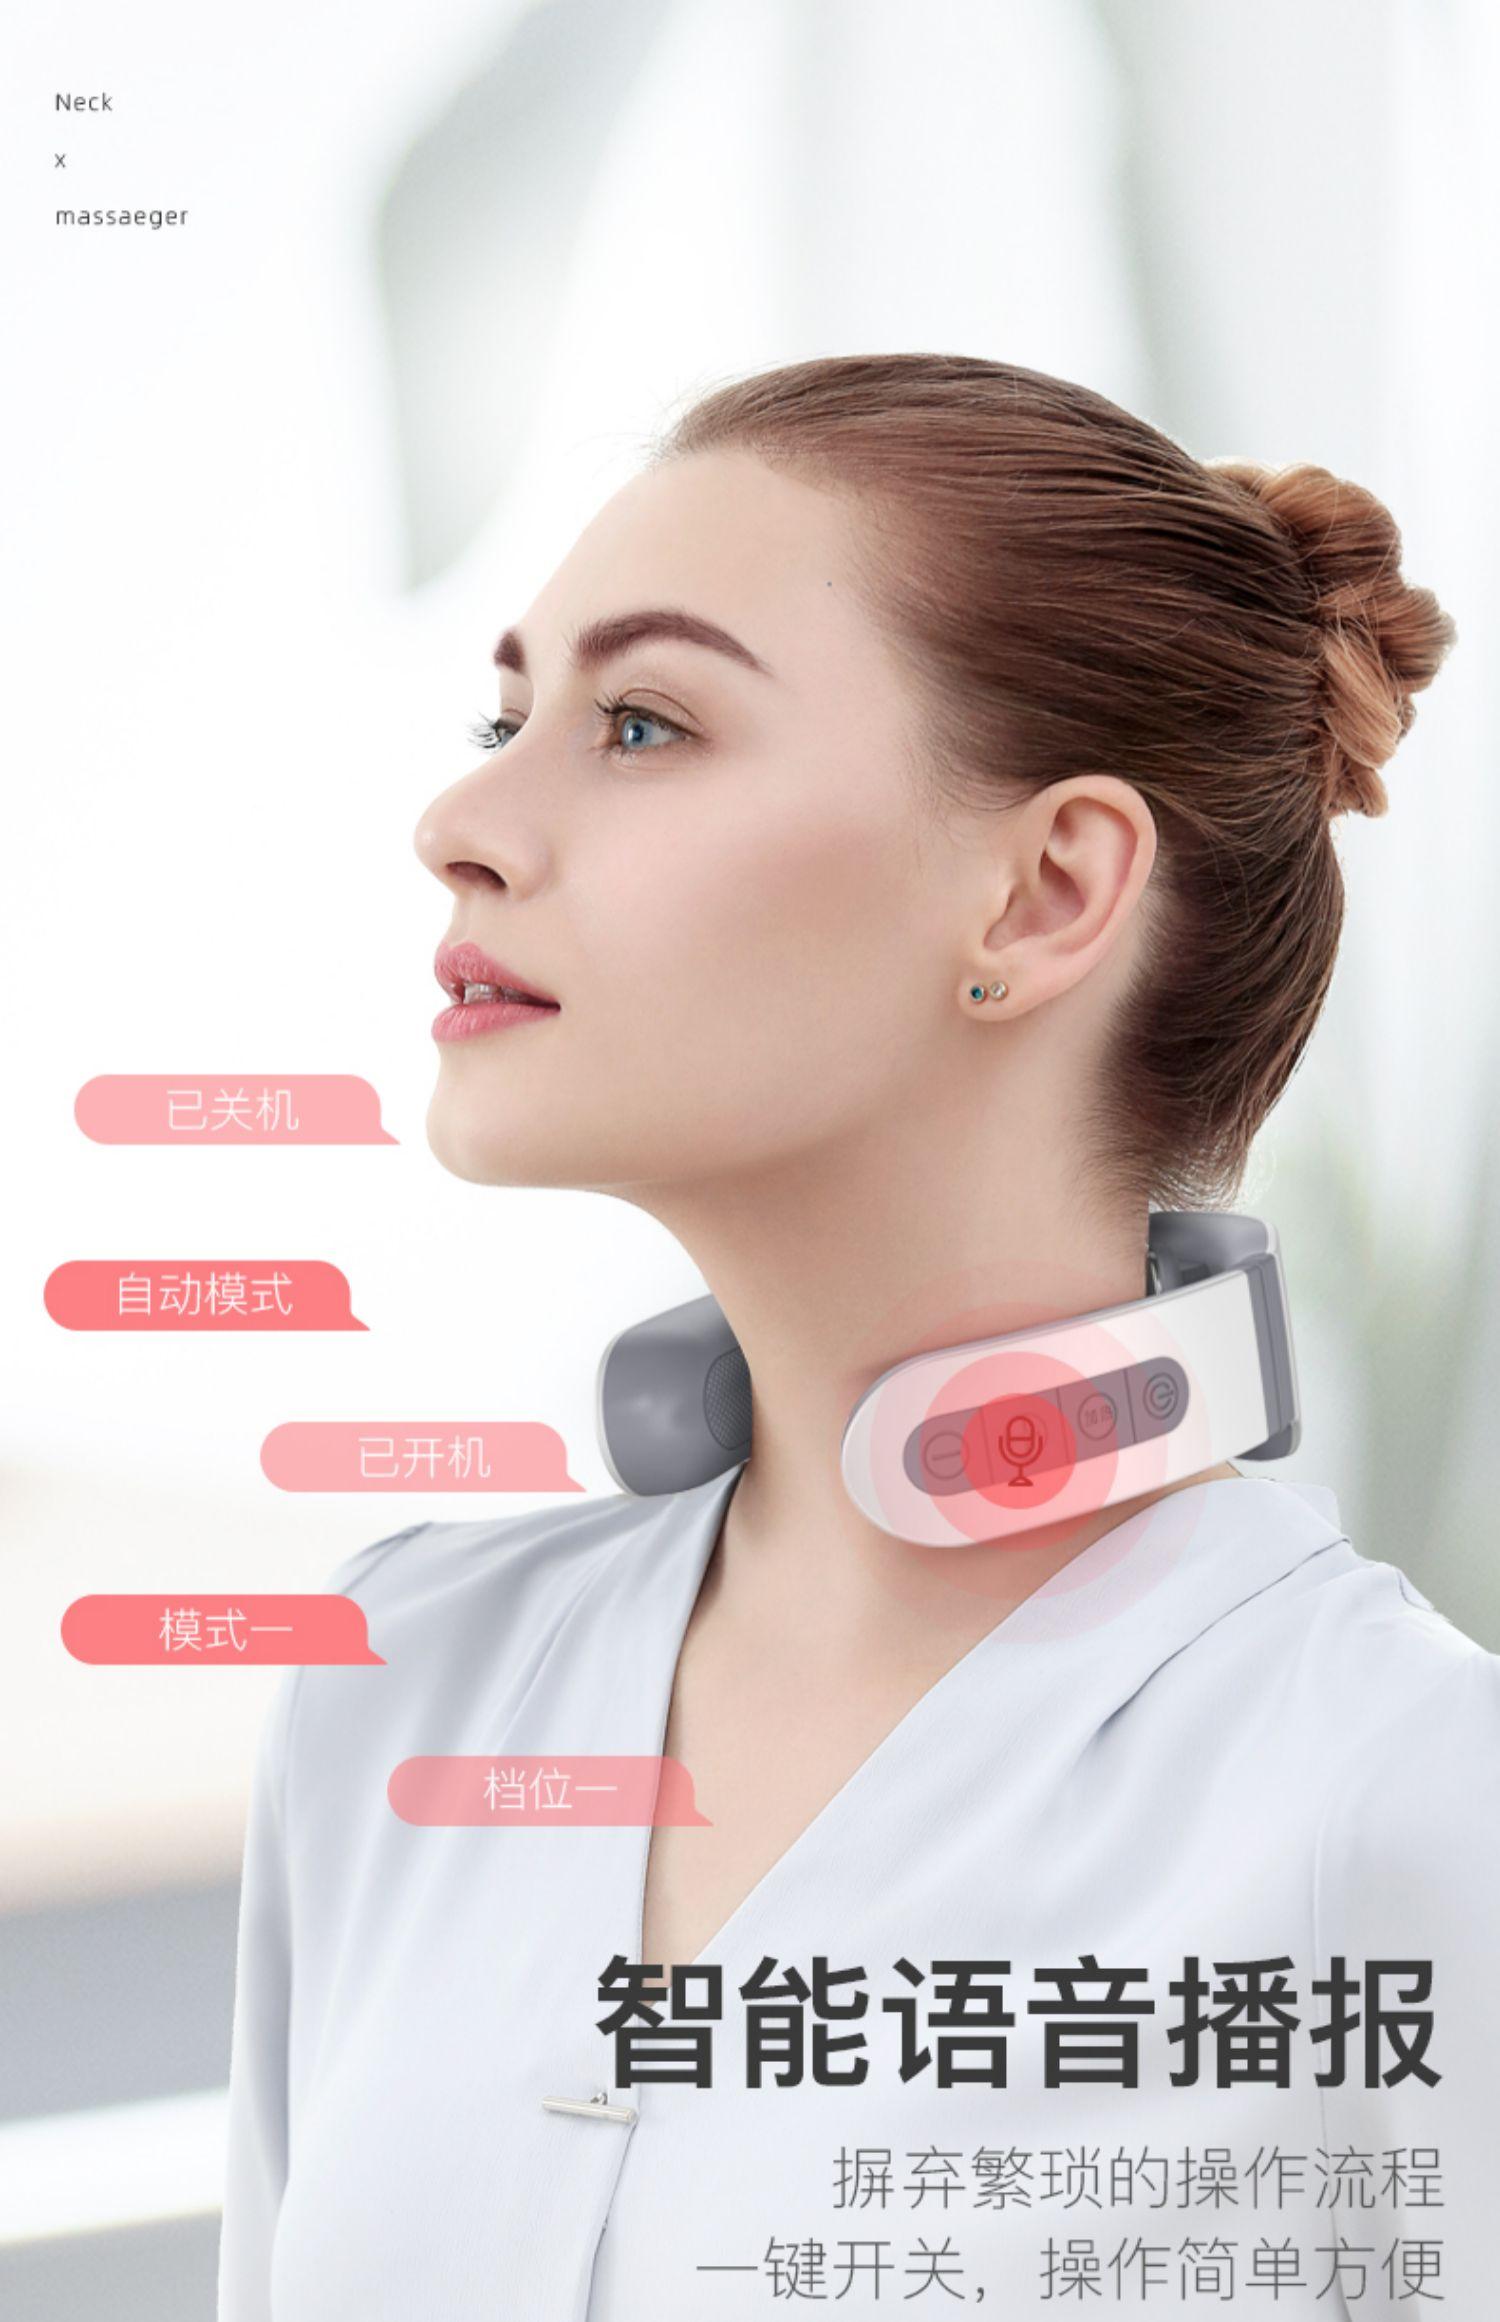 颈椎按摩器家用电动智能护颈仪脖子按摩神器脊椎脉冲肩颈部按摩仪商品详情图